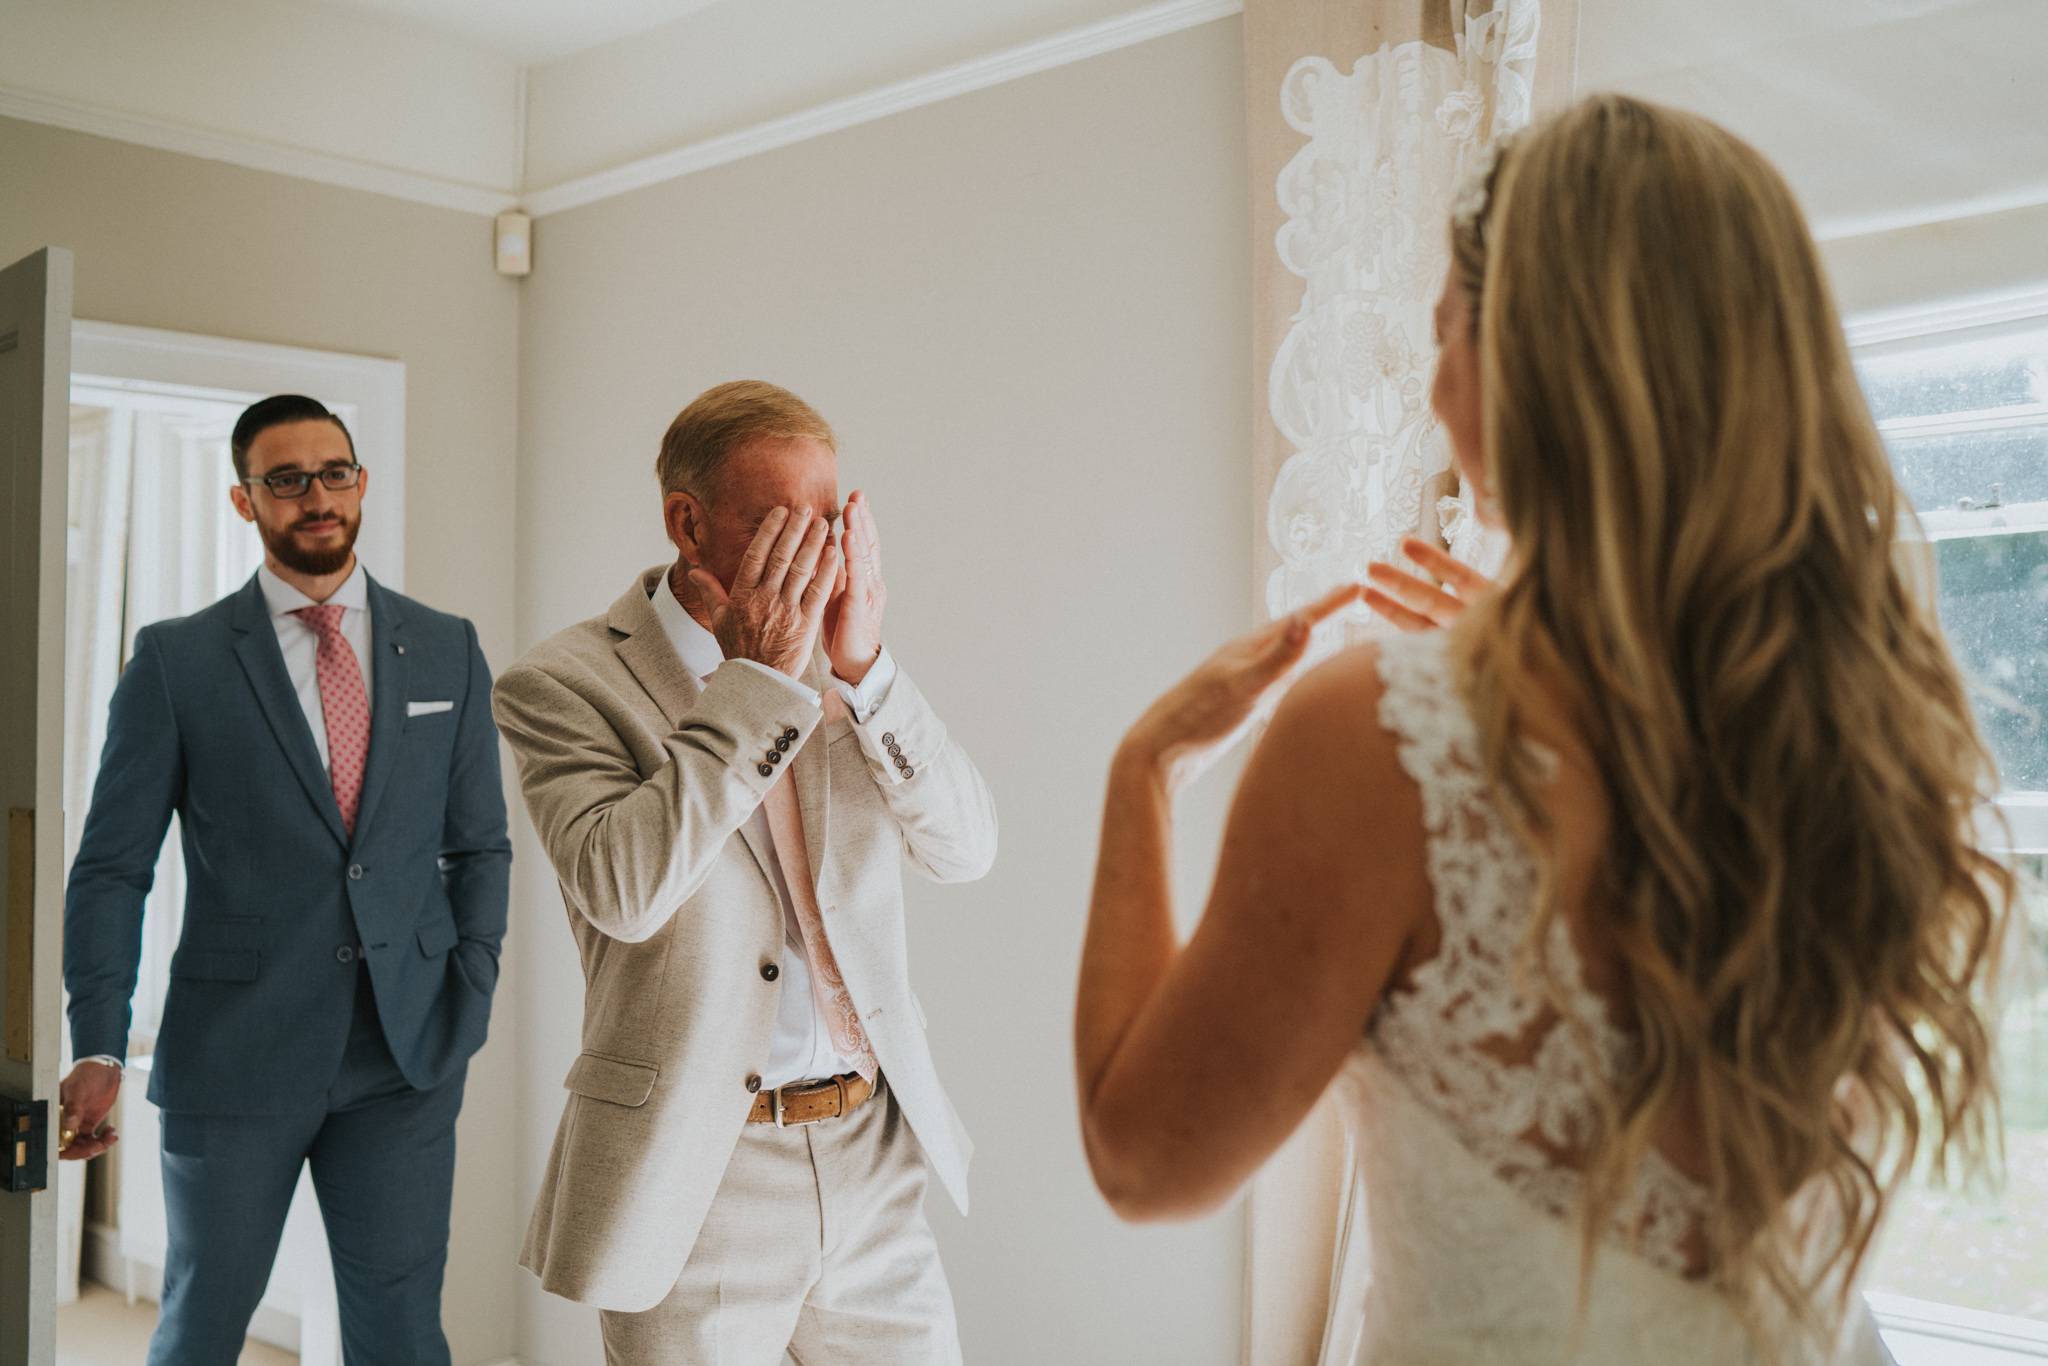 karen-tony-blackthorpe-barn-diy-wedding-grace-elizabeth-colchester-essex-alternative-wedding-lifestyle-photographer-essex-suffolk-norfolk-devon (16 of 35).jpg